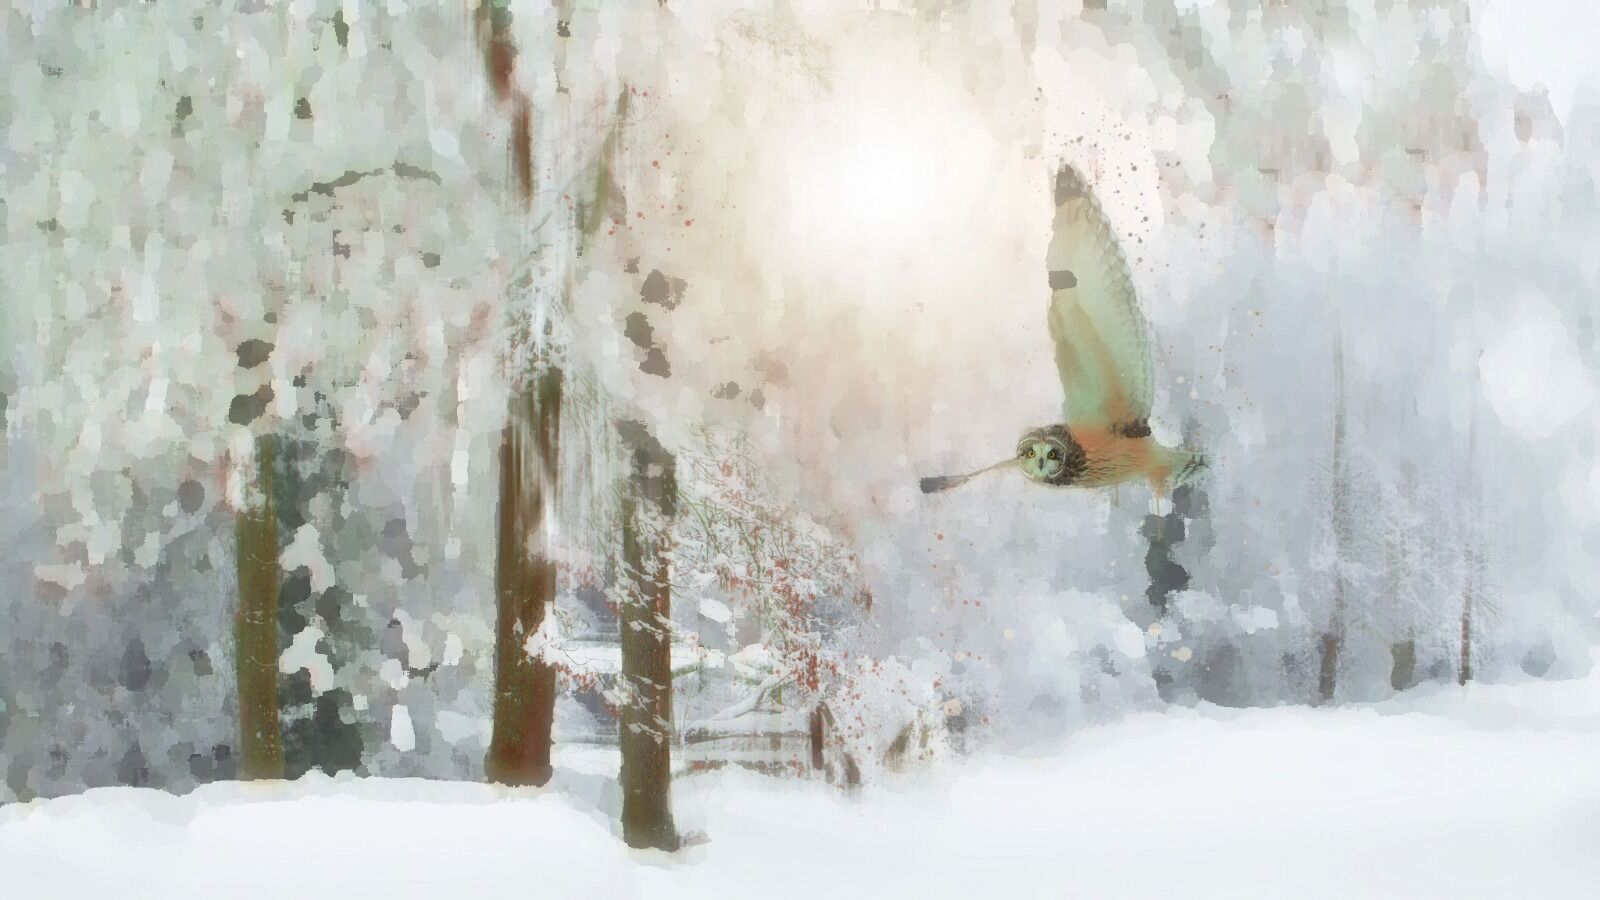 Barn Owl - Mixed Art Effect